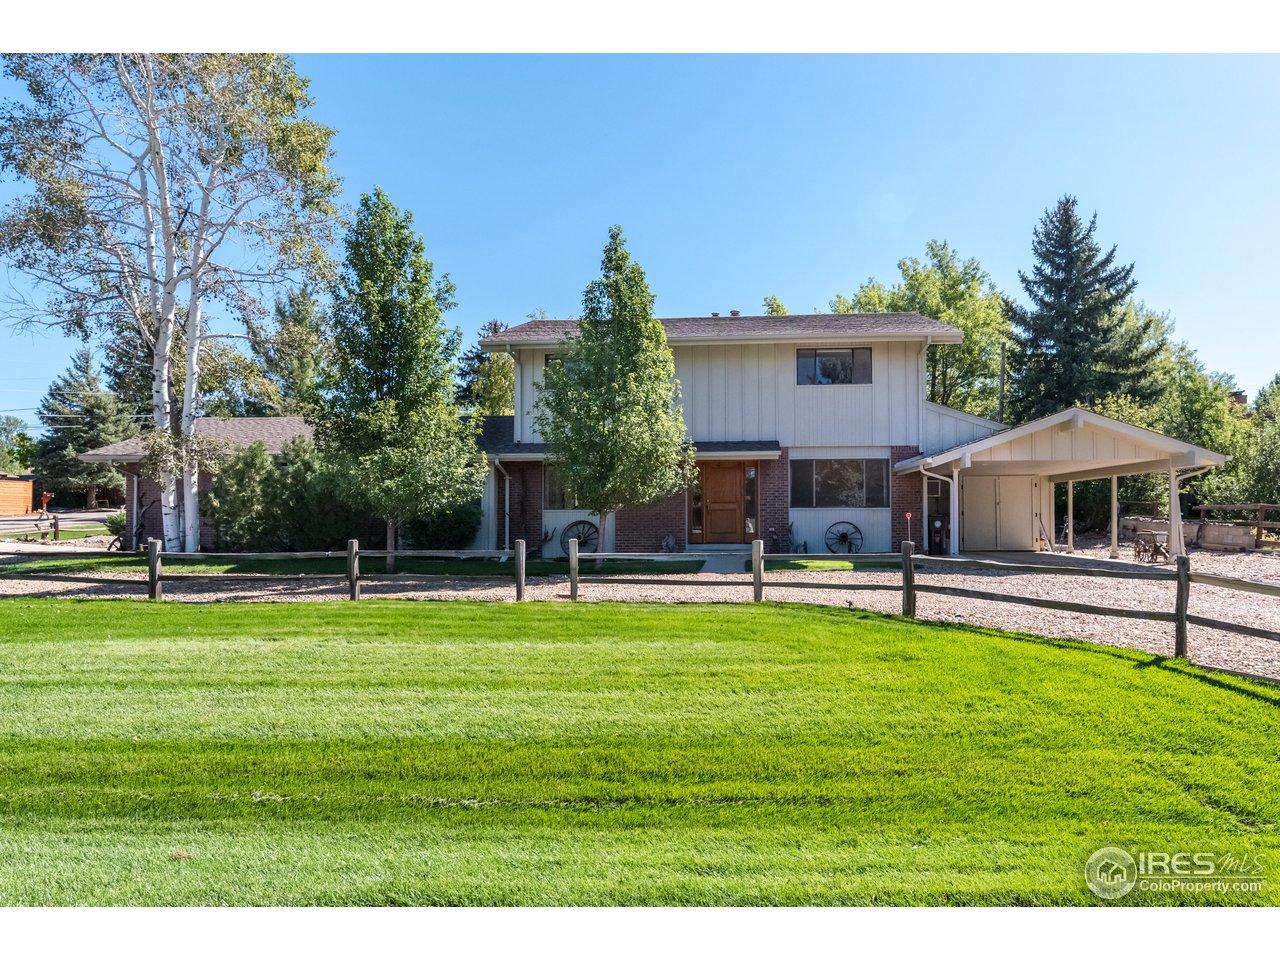 1066 Ravenwood Rd, Boulder CO 80303